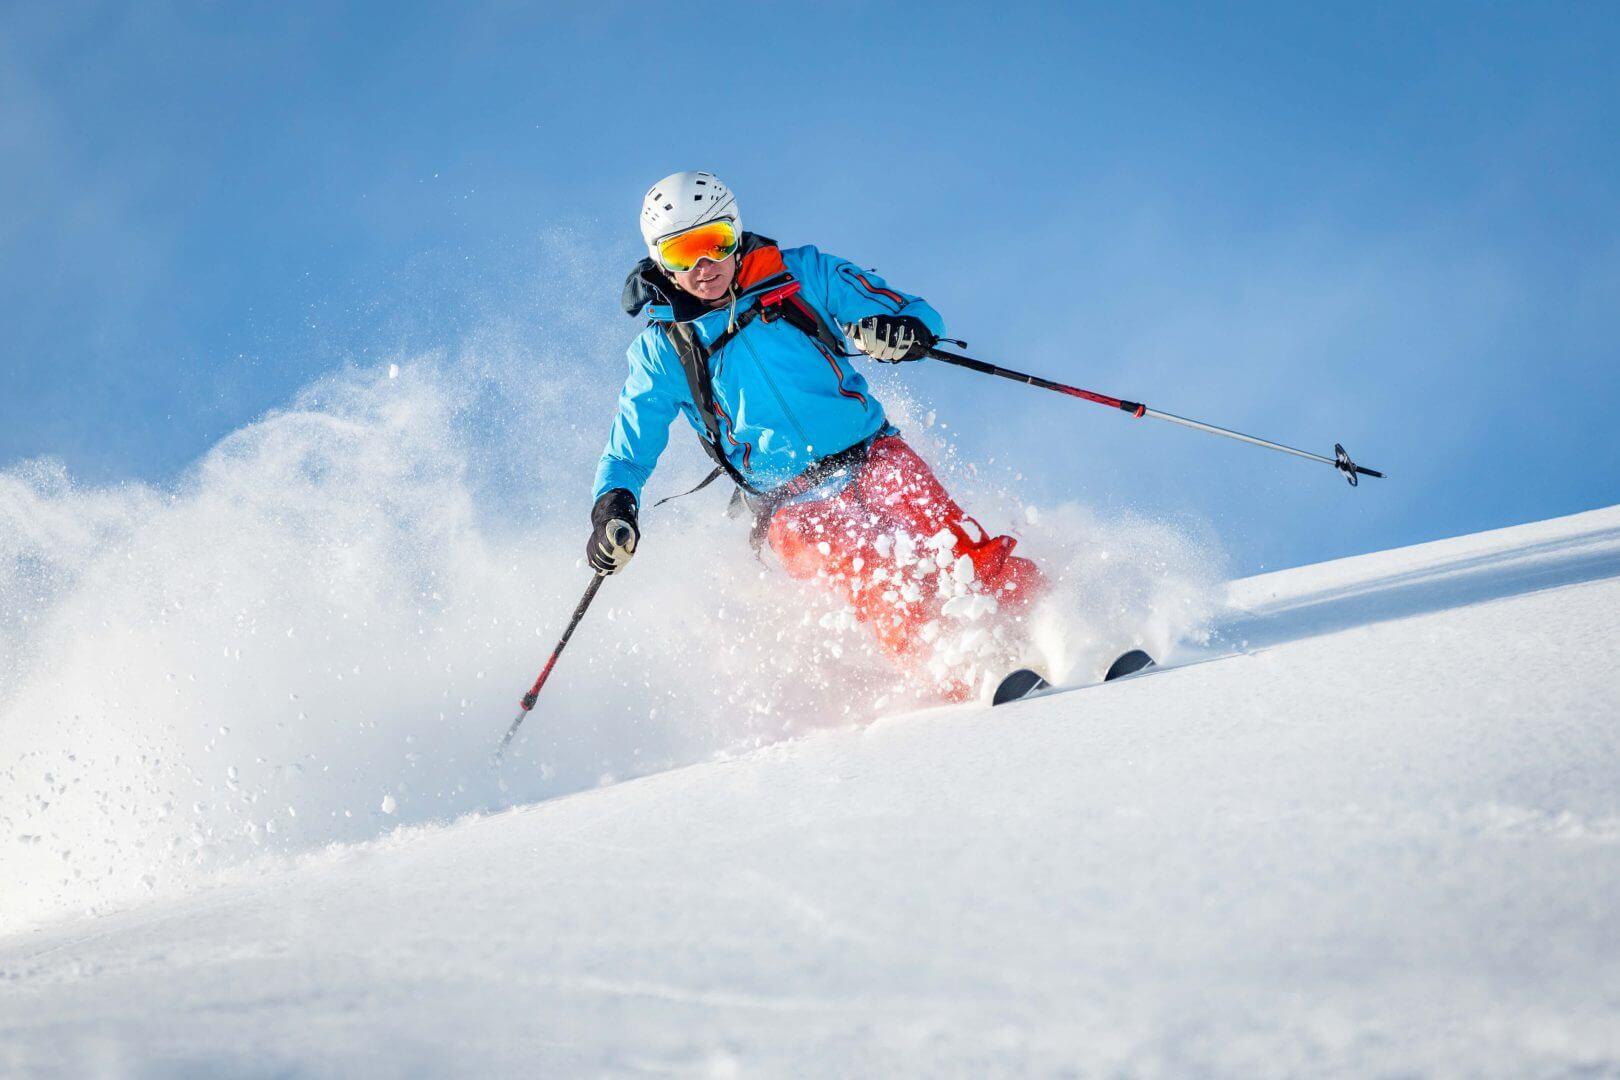 Wieżyca – stok narciarski